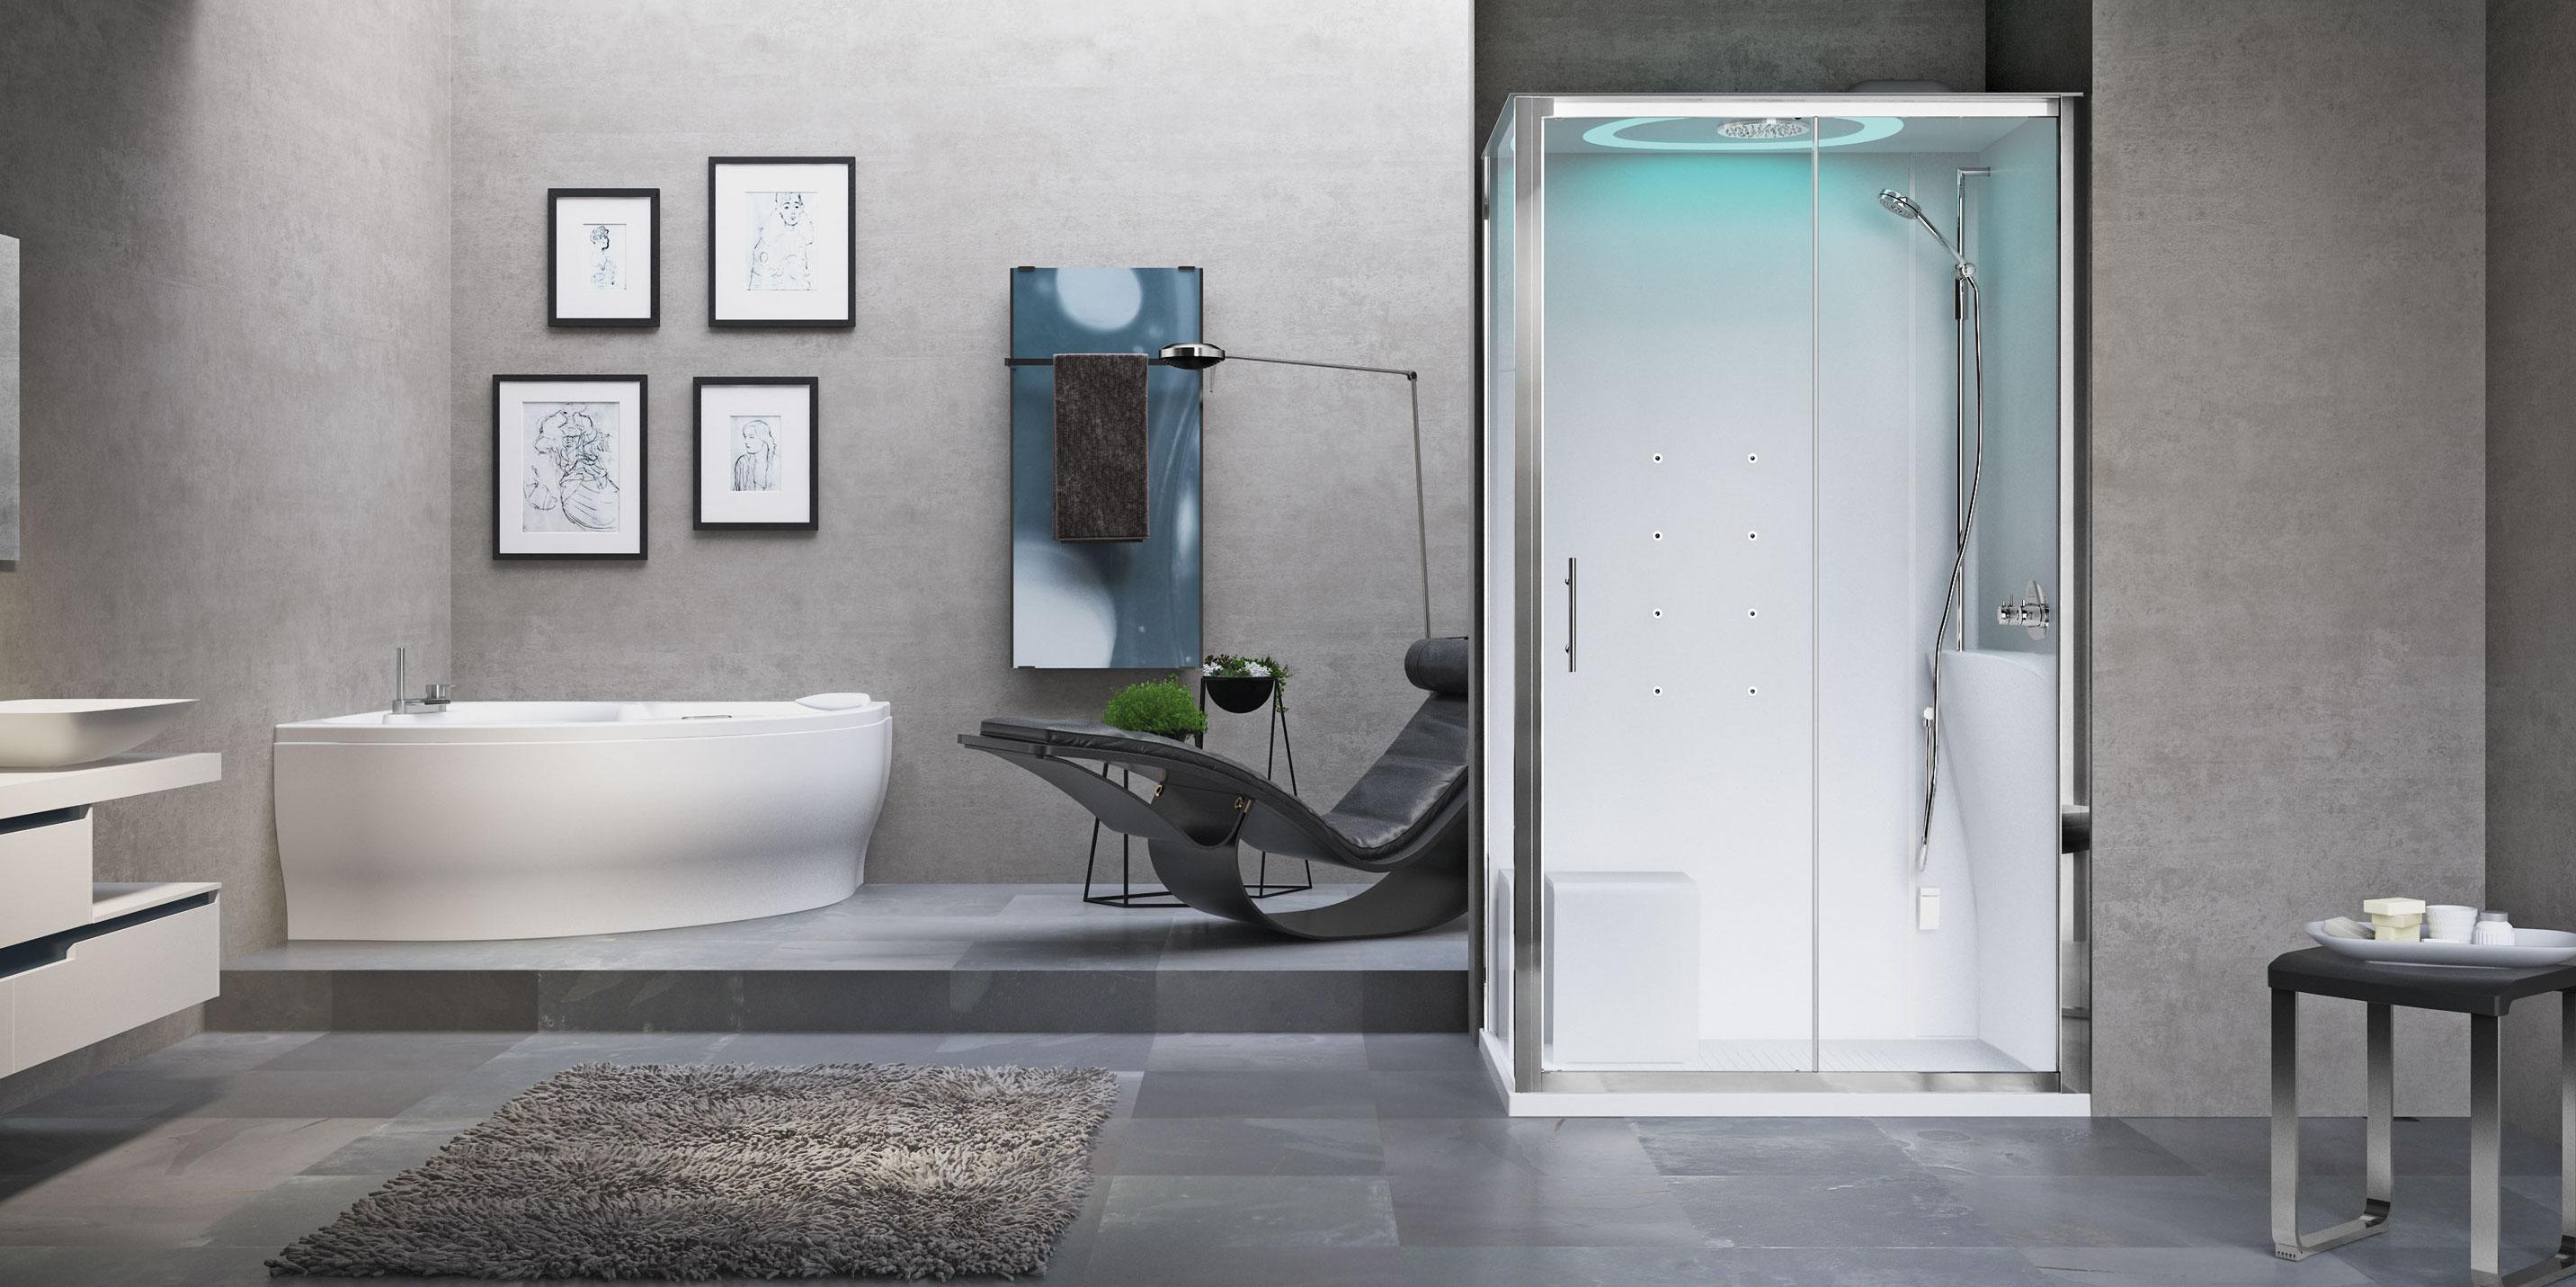 stoomcabines startpagina voor badkamer ideeà n uw badkamer